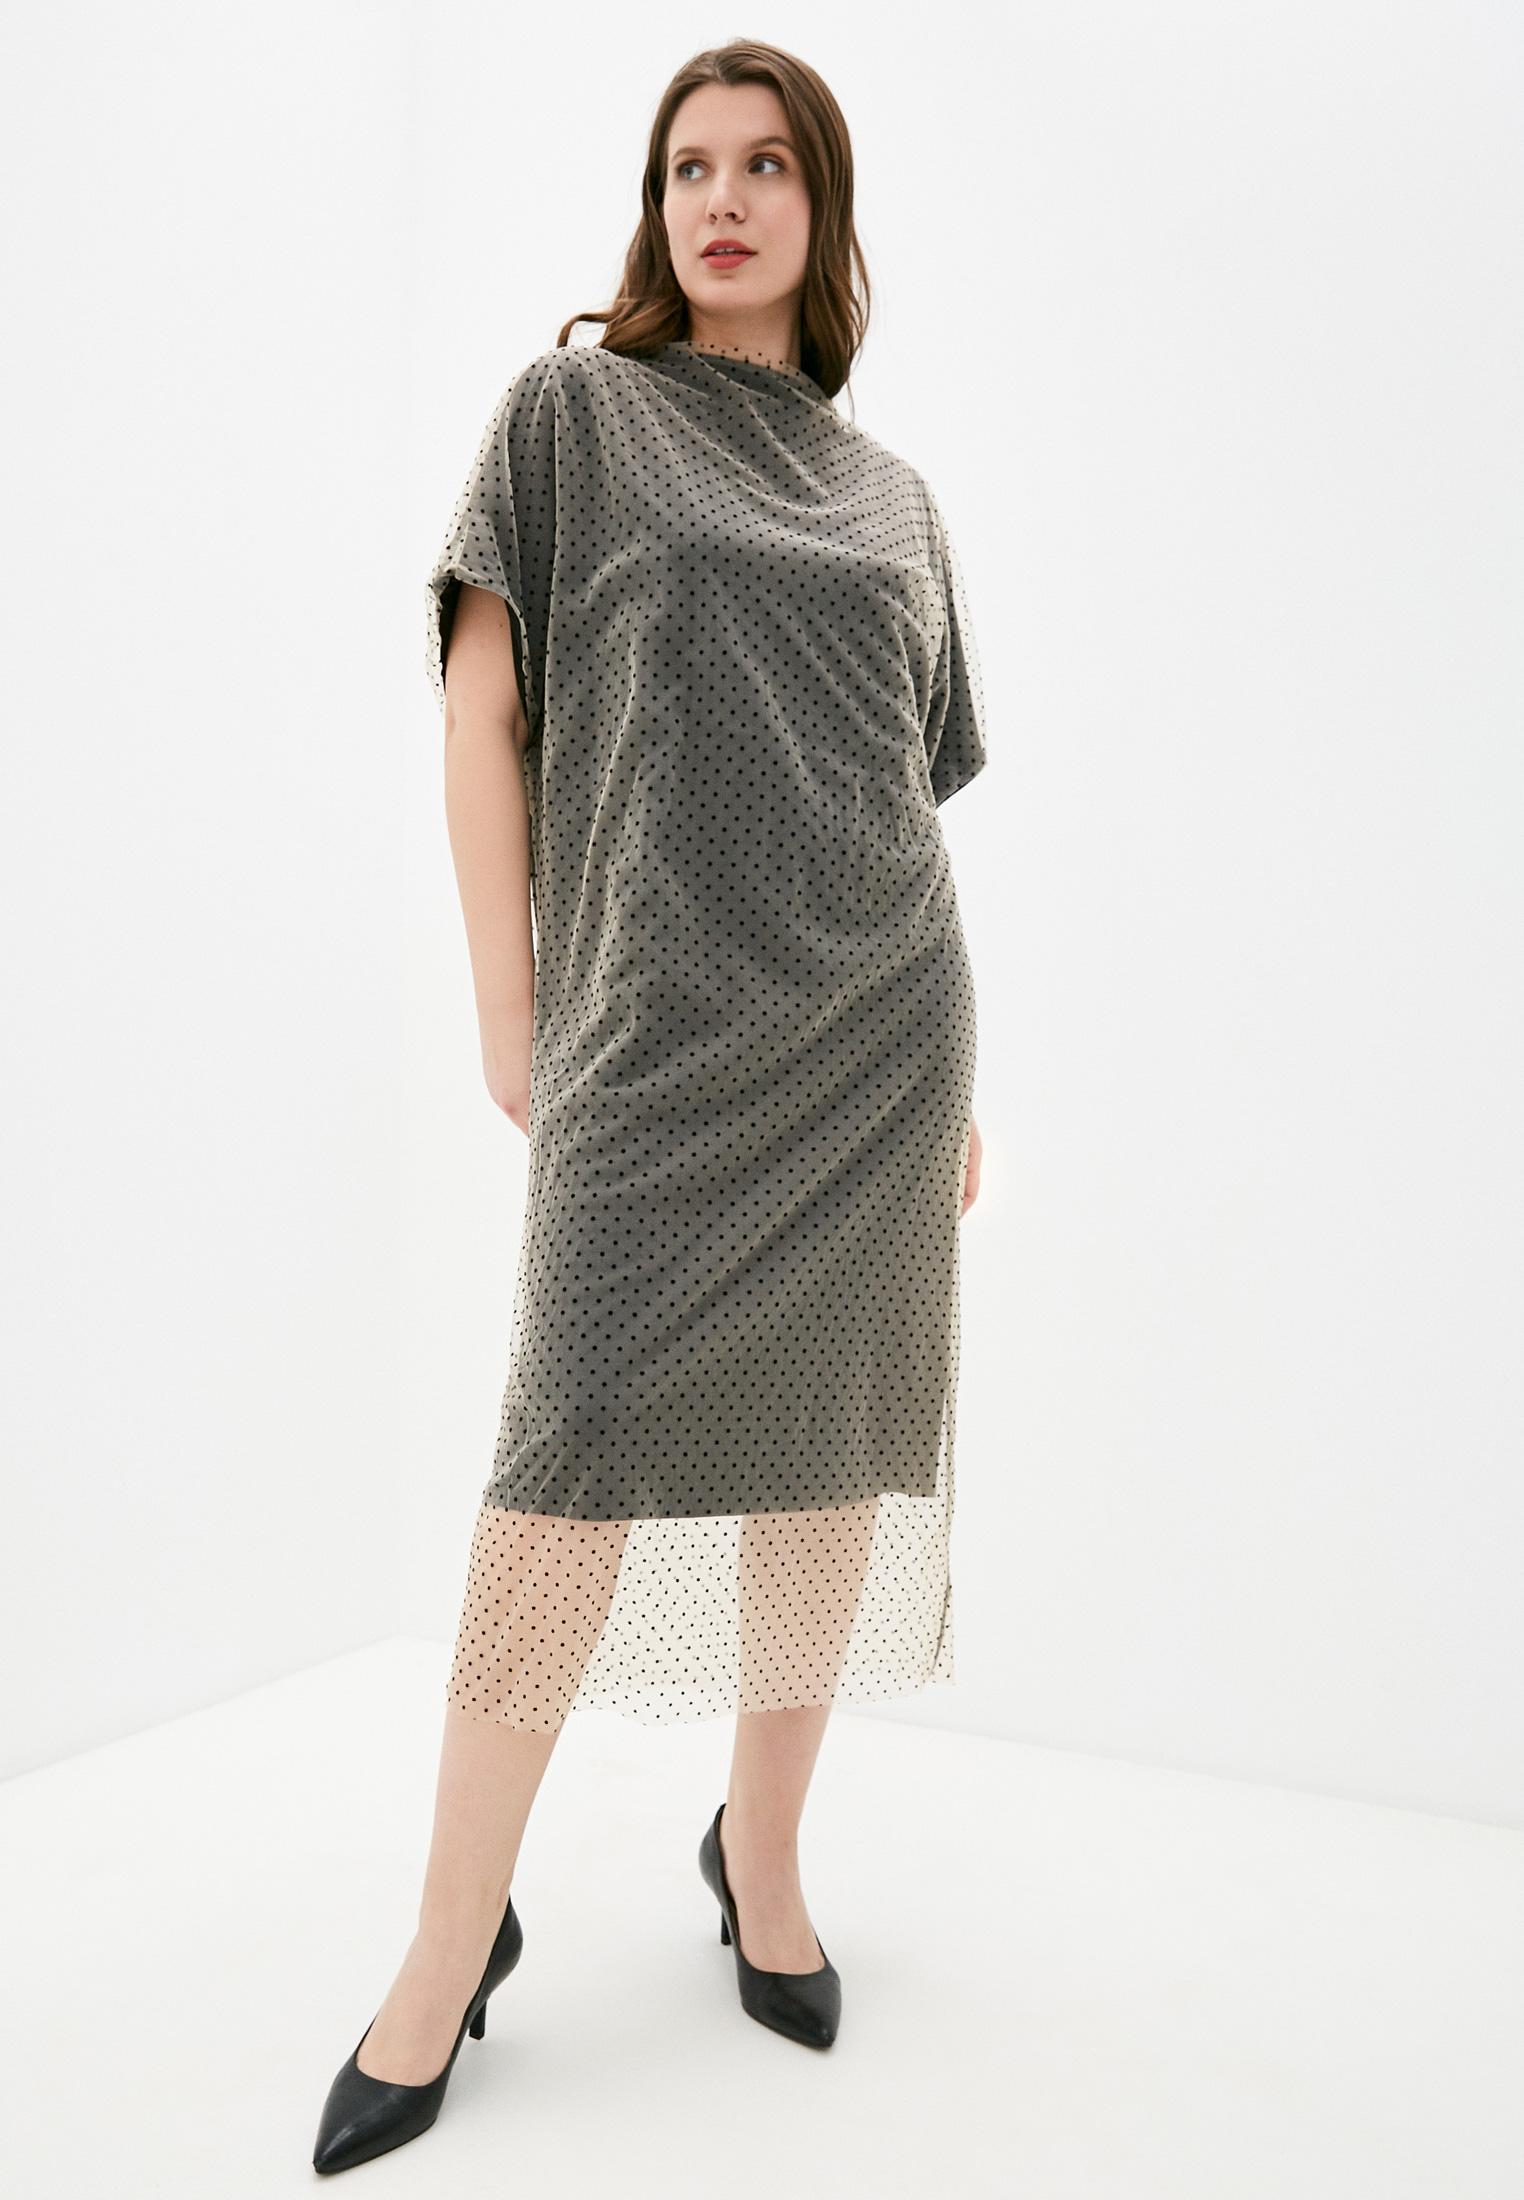 Повседневное платье Nataliy Beate Платье мод.523: изображение 4